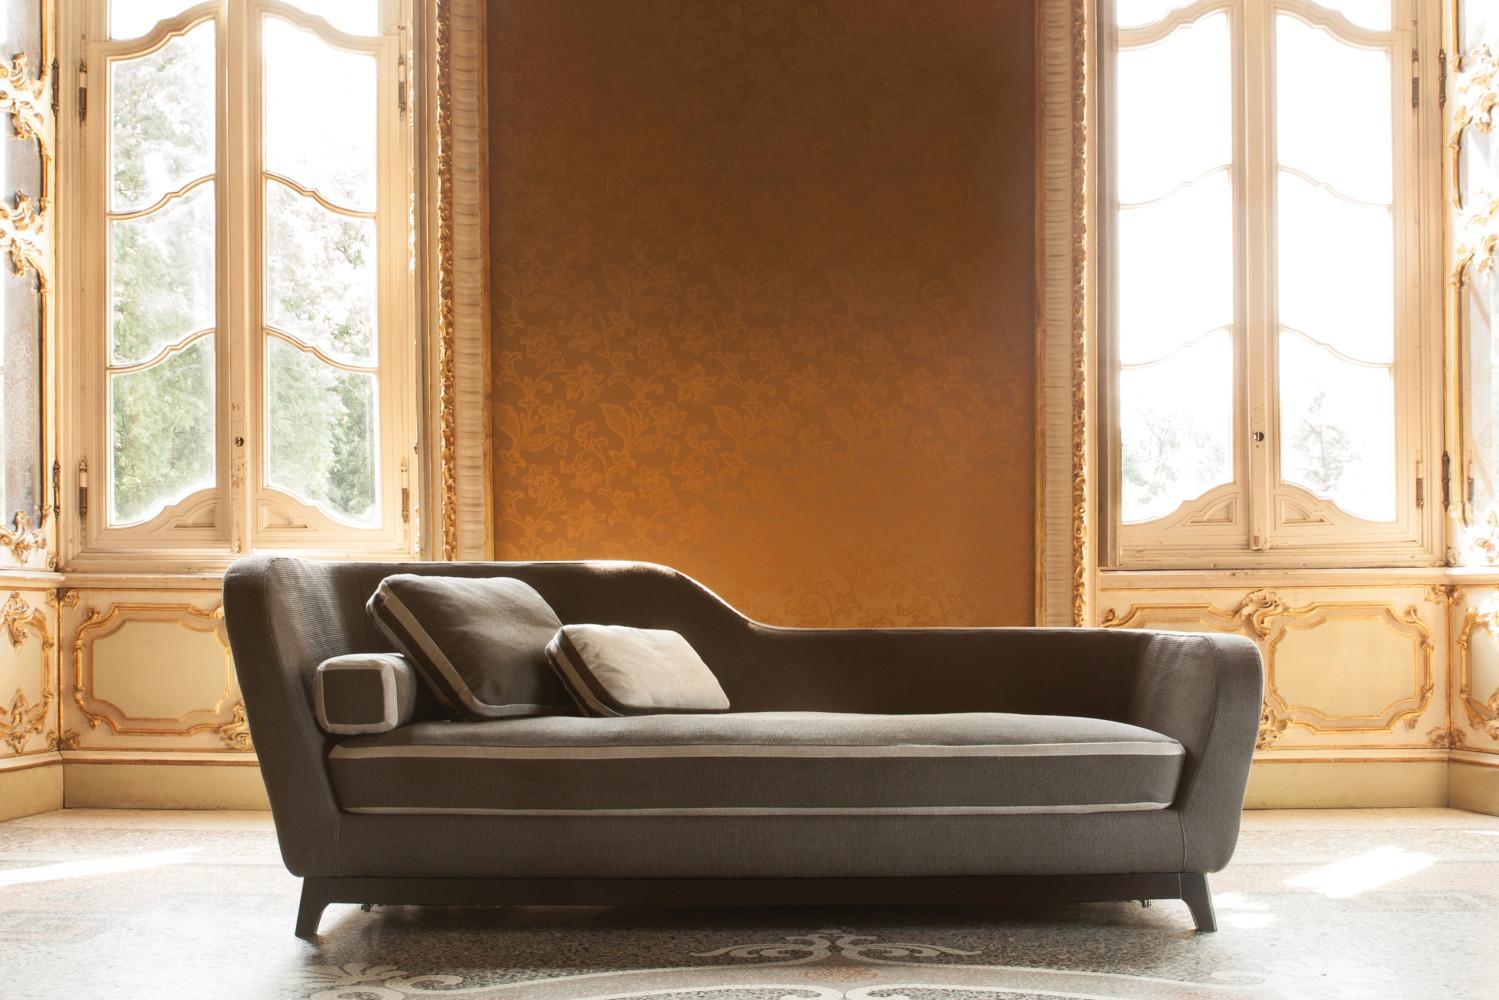 Dormeuse divano letto design jeremie - Simile al divano letto ...